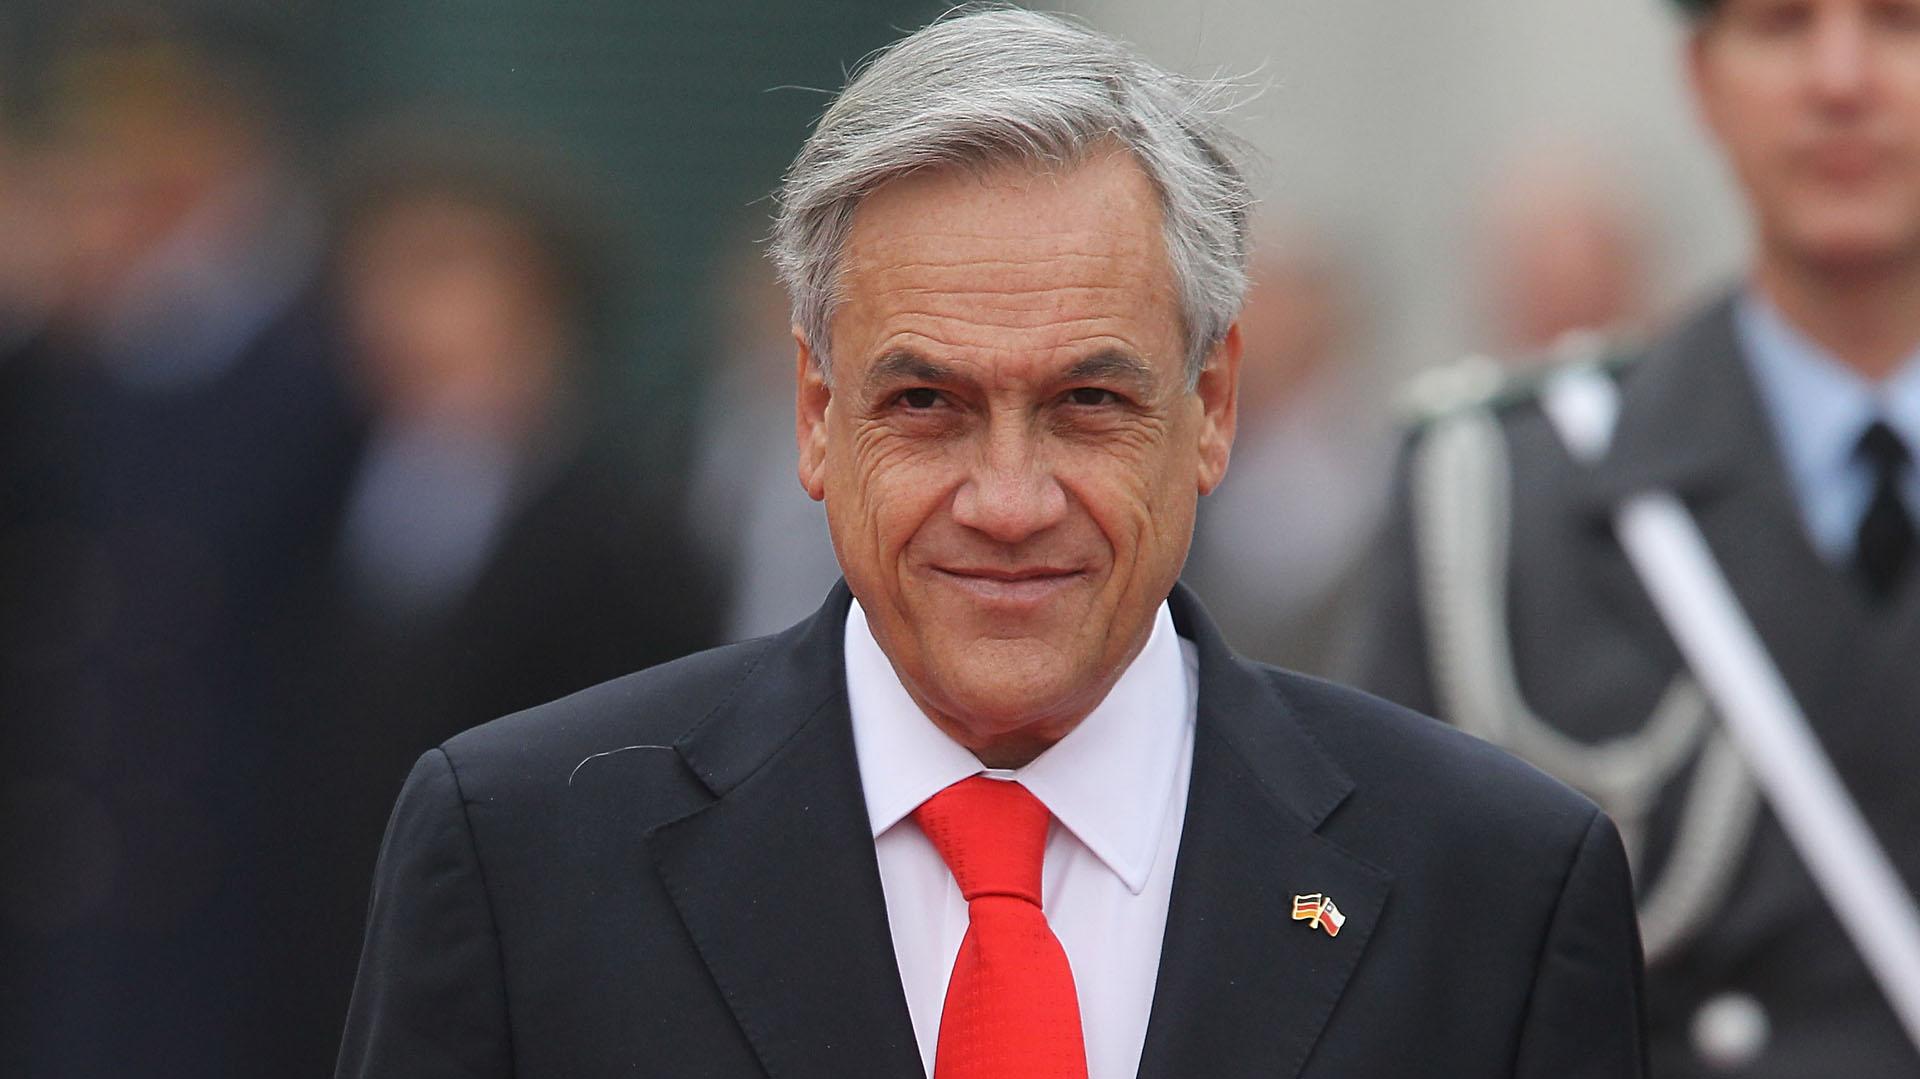 El ex presidente Sebastián Piñera lidera las encuestas de cara a las elecciones de este año, con una plataforma muy distinta a la de Bachelet (Getty Images)